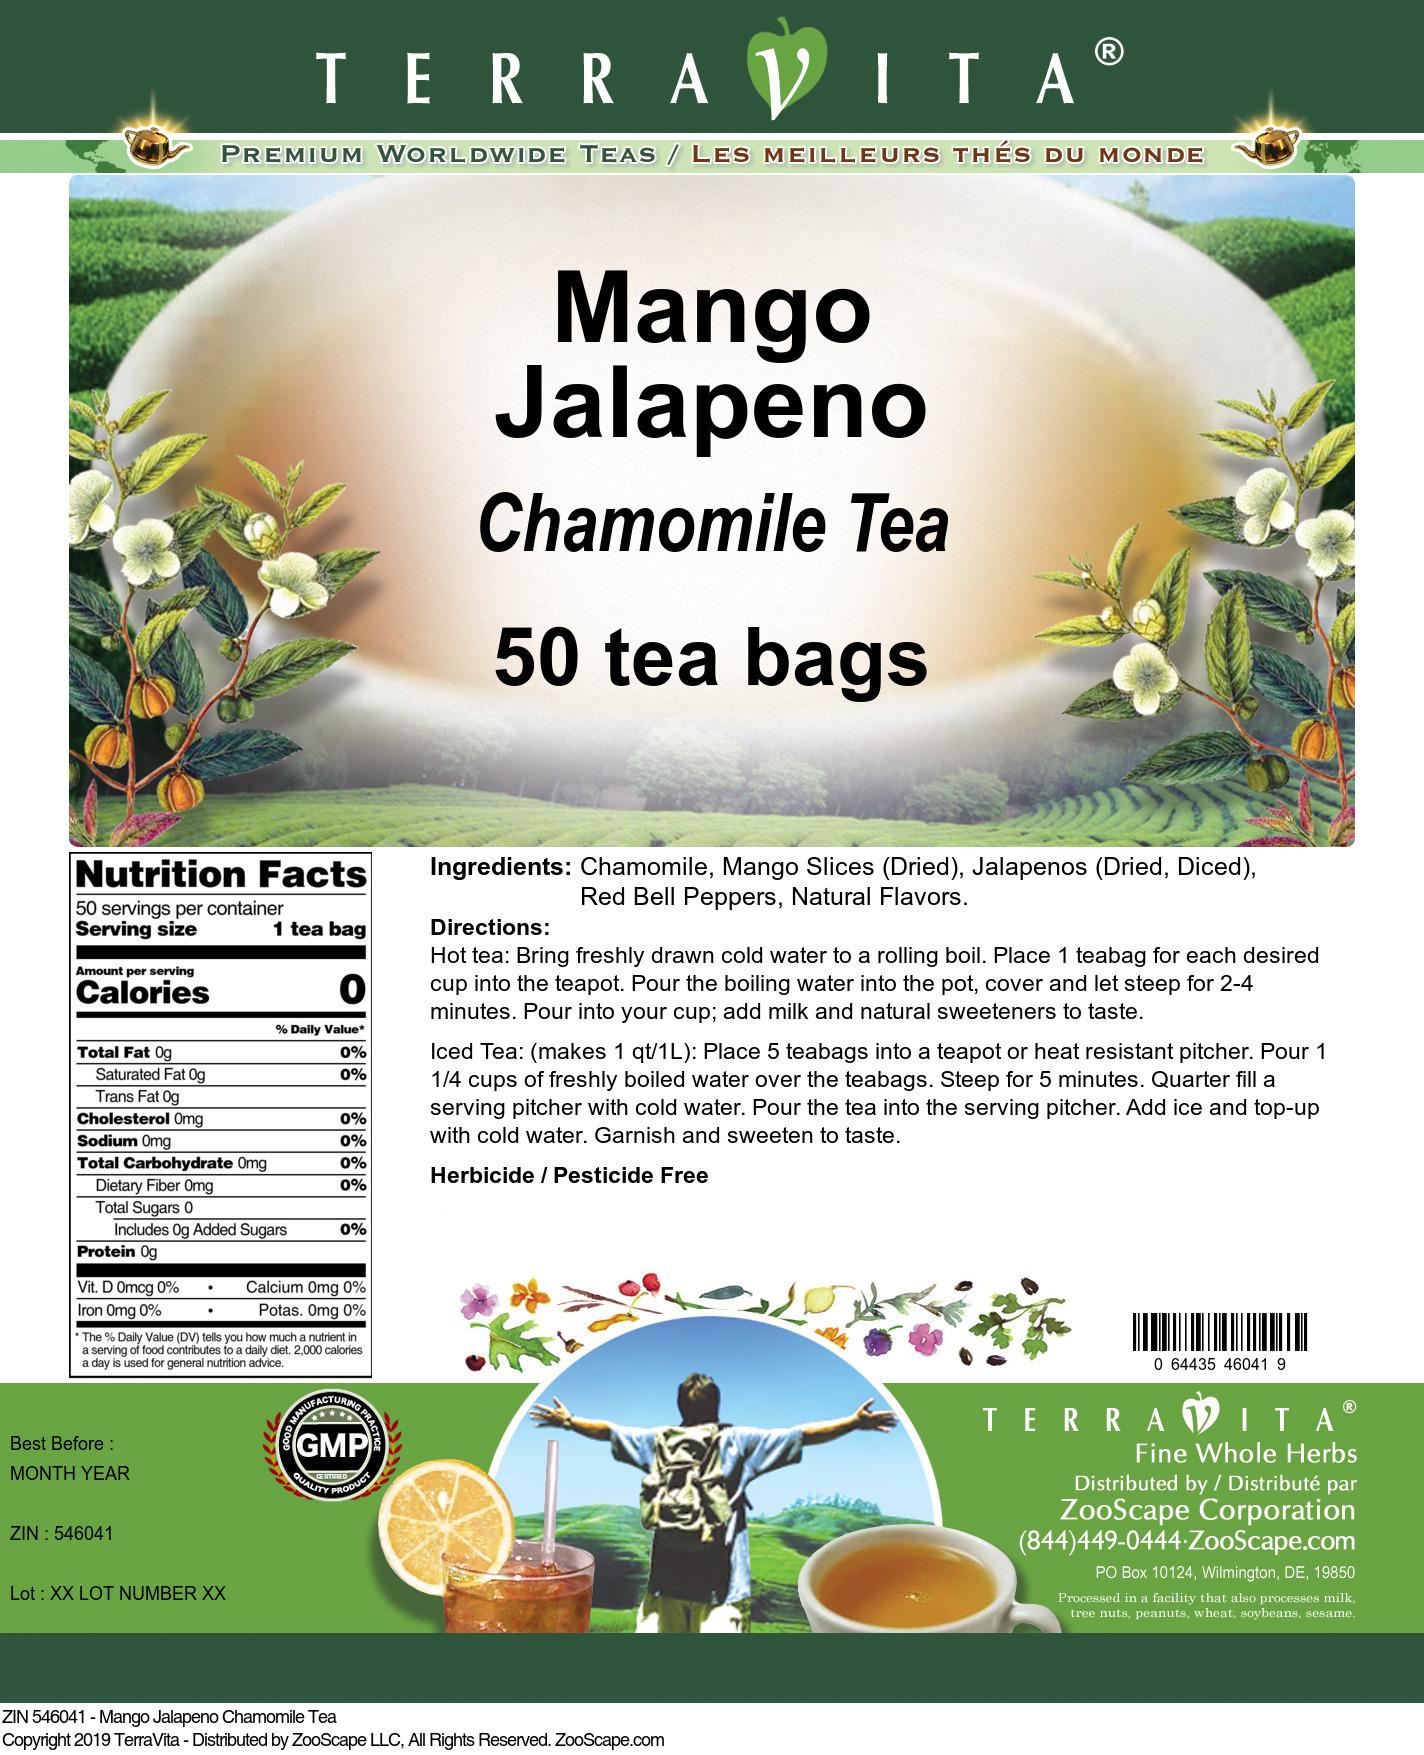 Mango Jalapeno Chamomile Tea